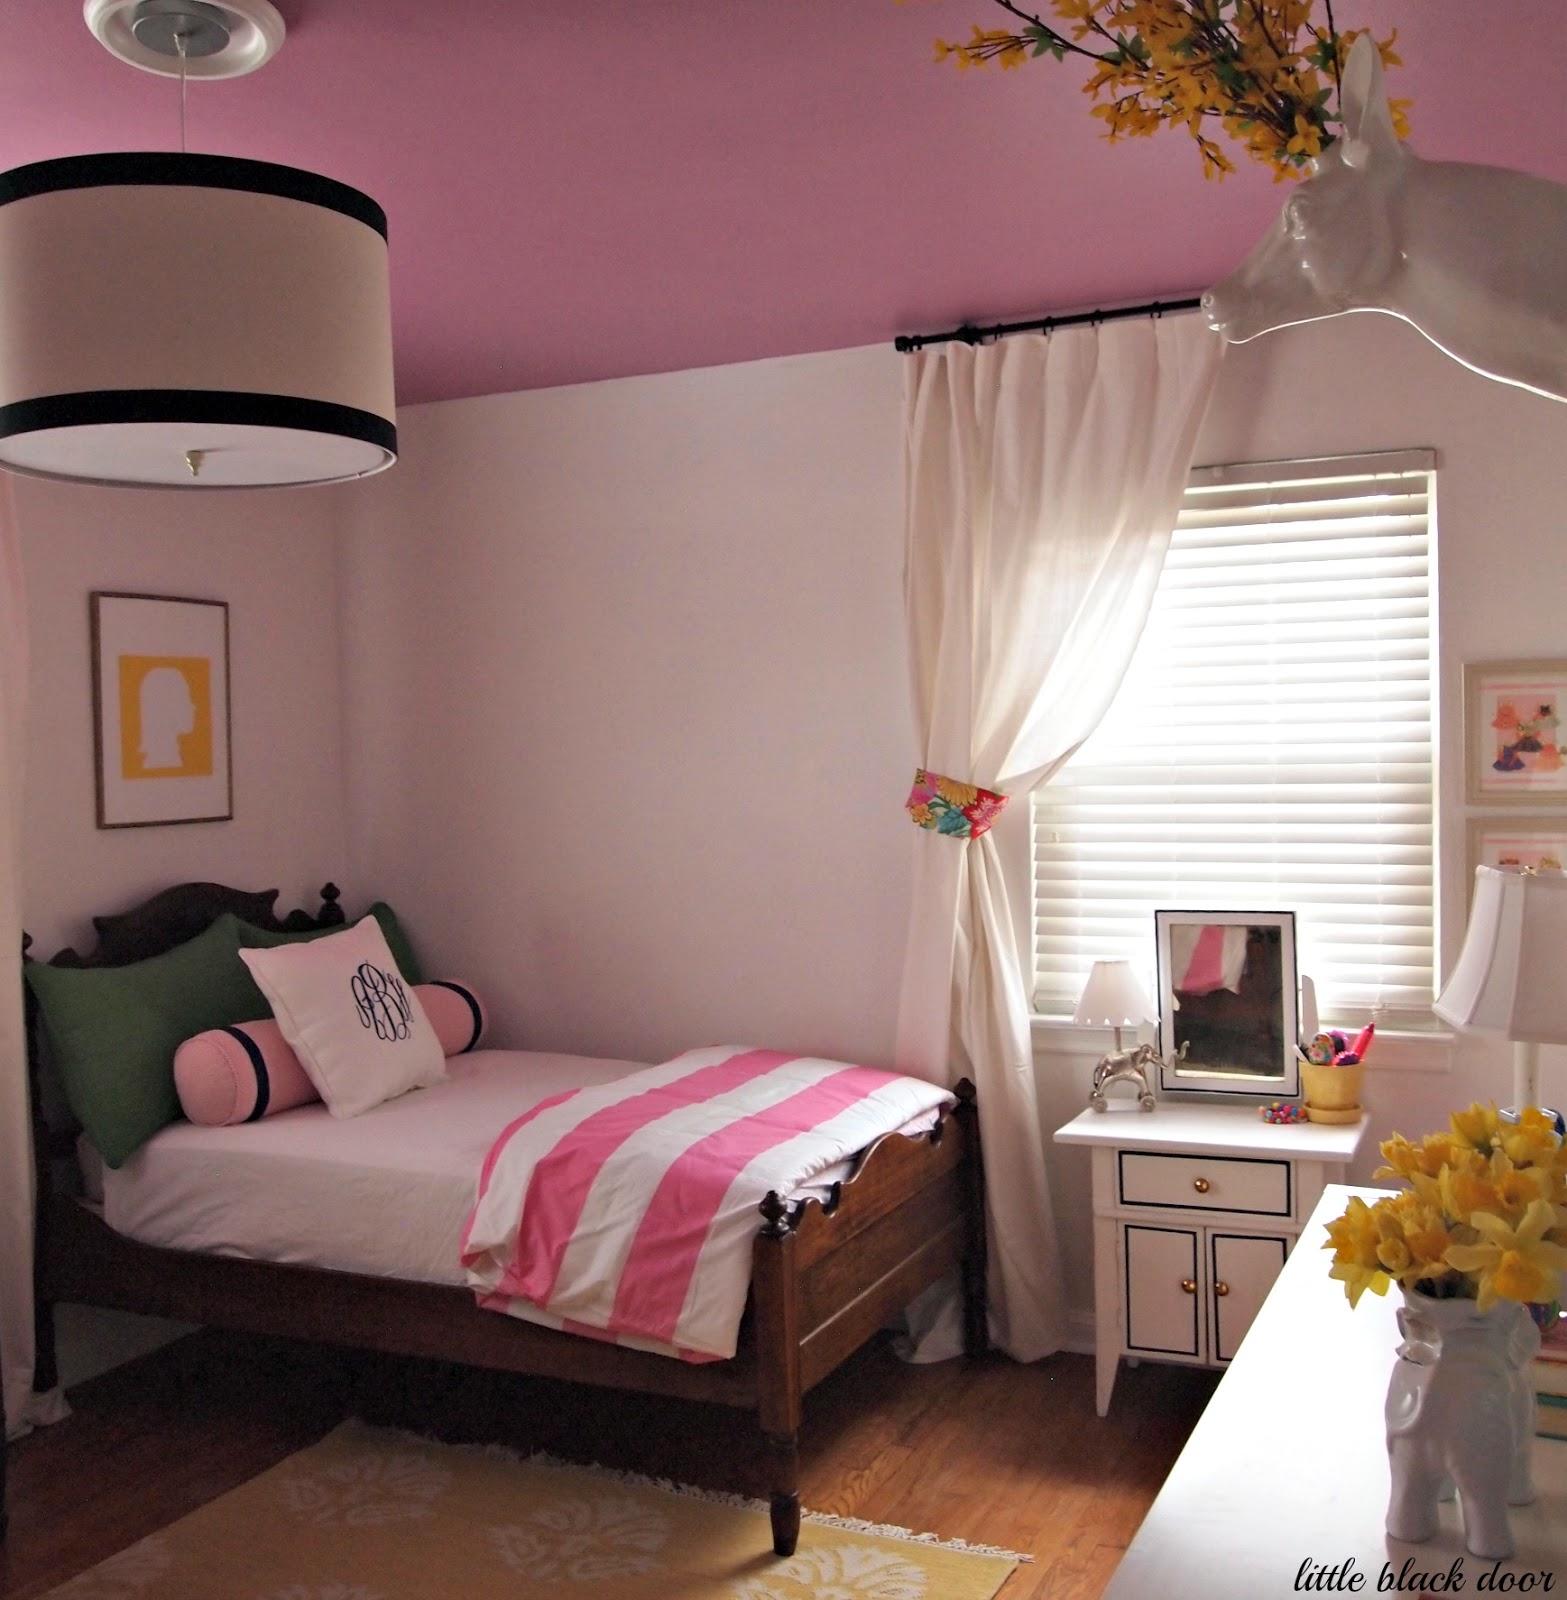 Sadie + Stella: Favorite Room Feature: Little Black Door